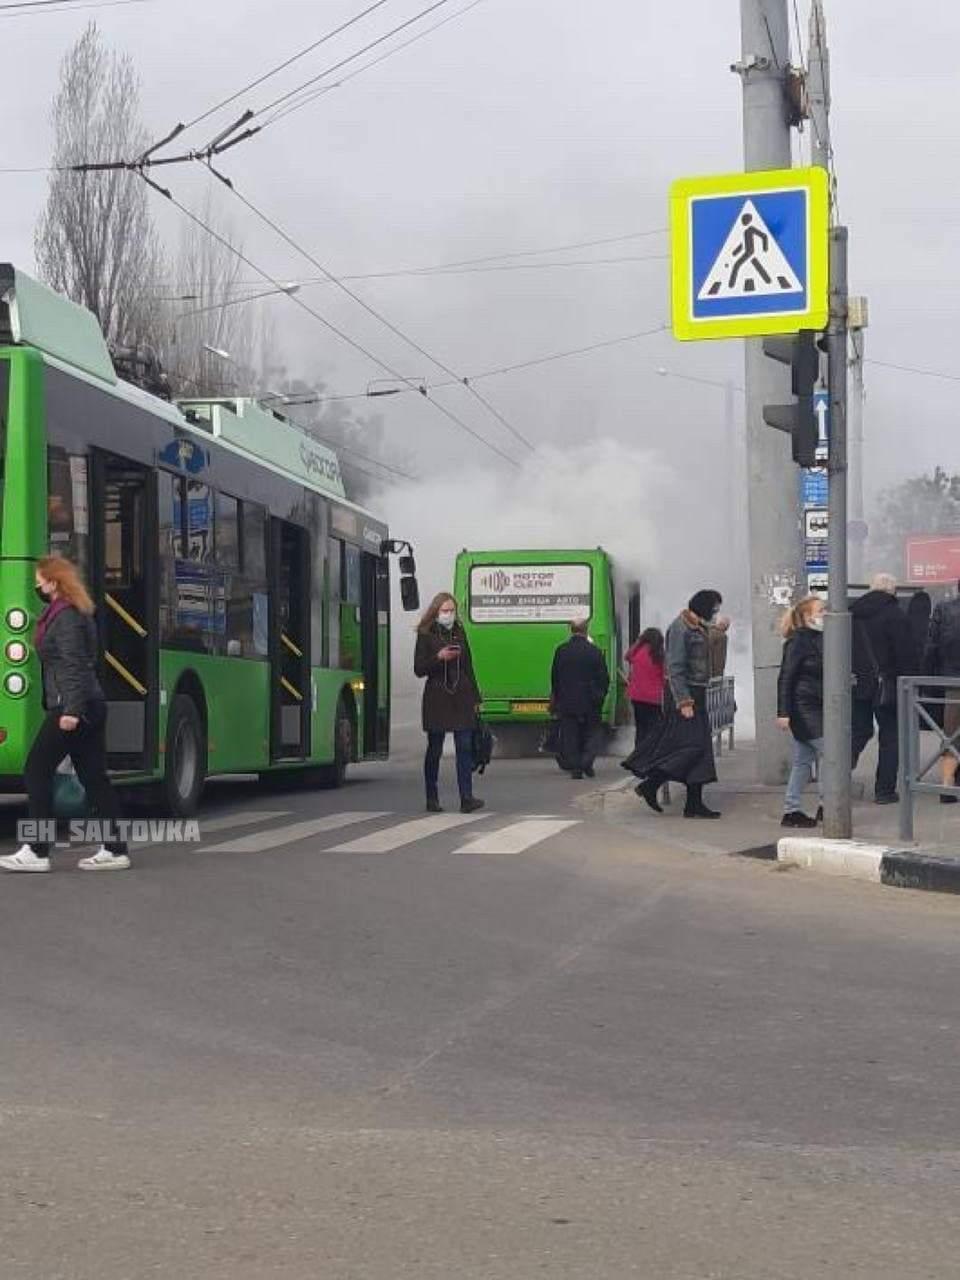 Автобус пожежа Харків 23 Серпня Маршрутка